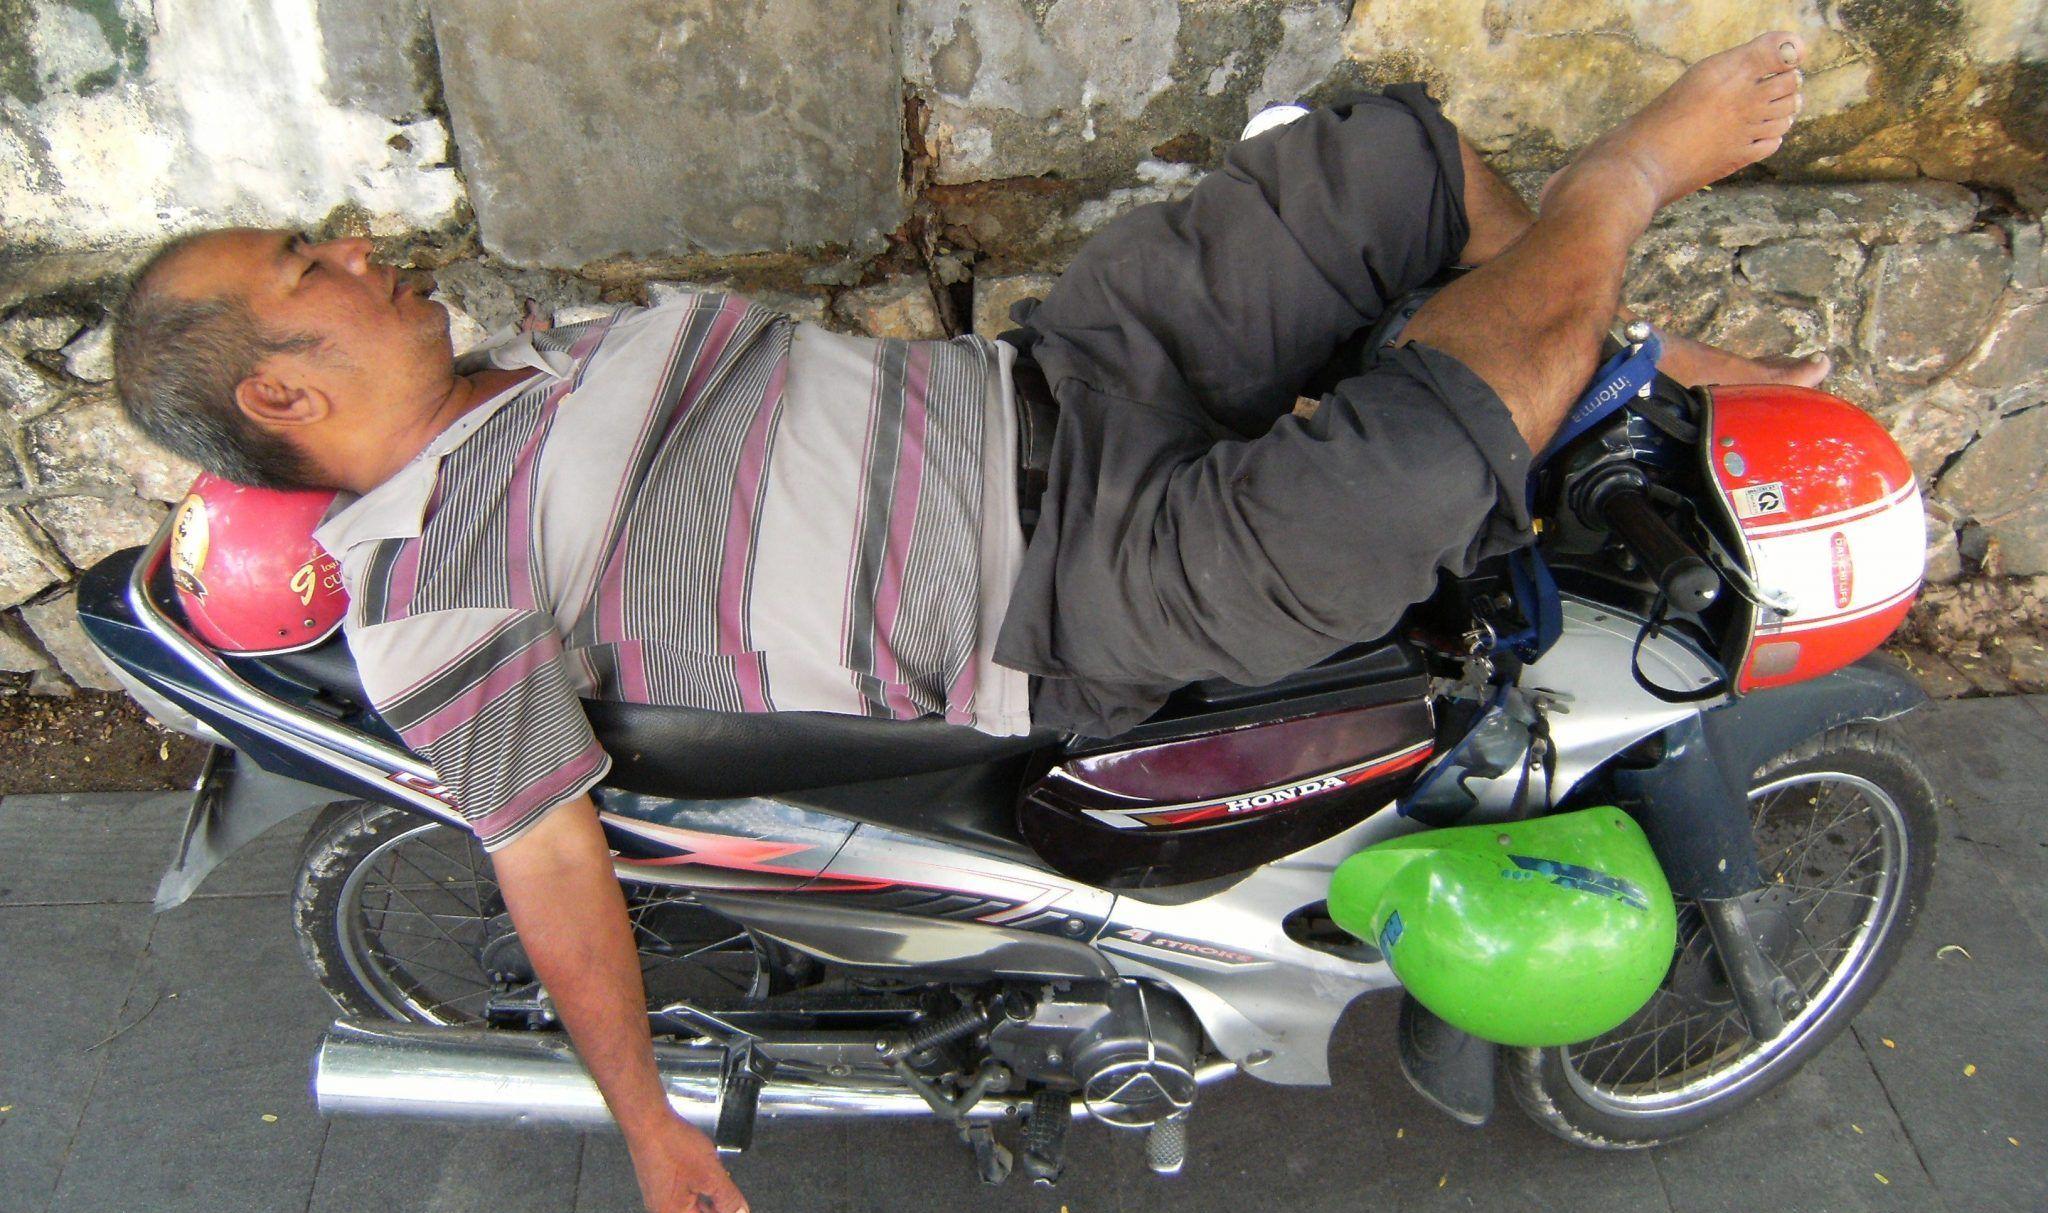 Hombres Fuera de la Carretera Casco de Motocicleta Anti-ca/ída Mujeres Casco a Prueba de Golpes Cascos de Motocicleta Moutain Motocross Bike Gorras de Seguridad